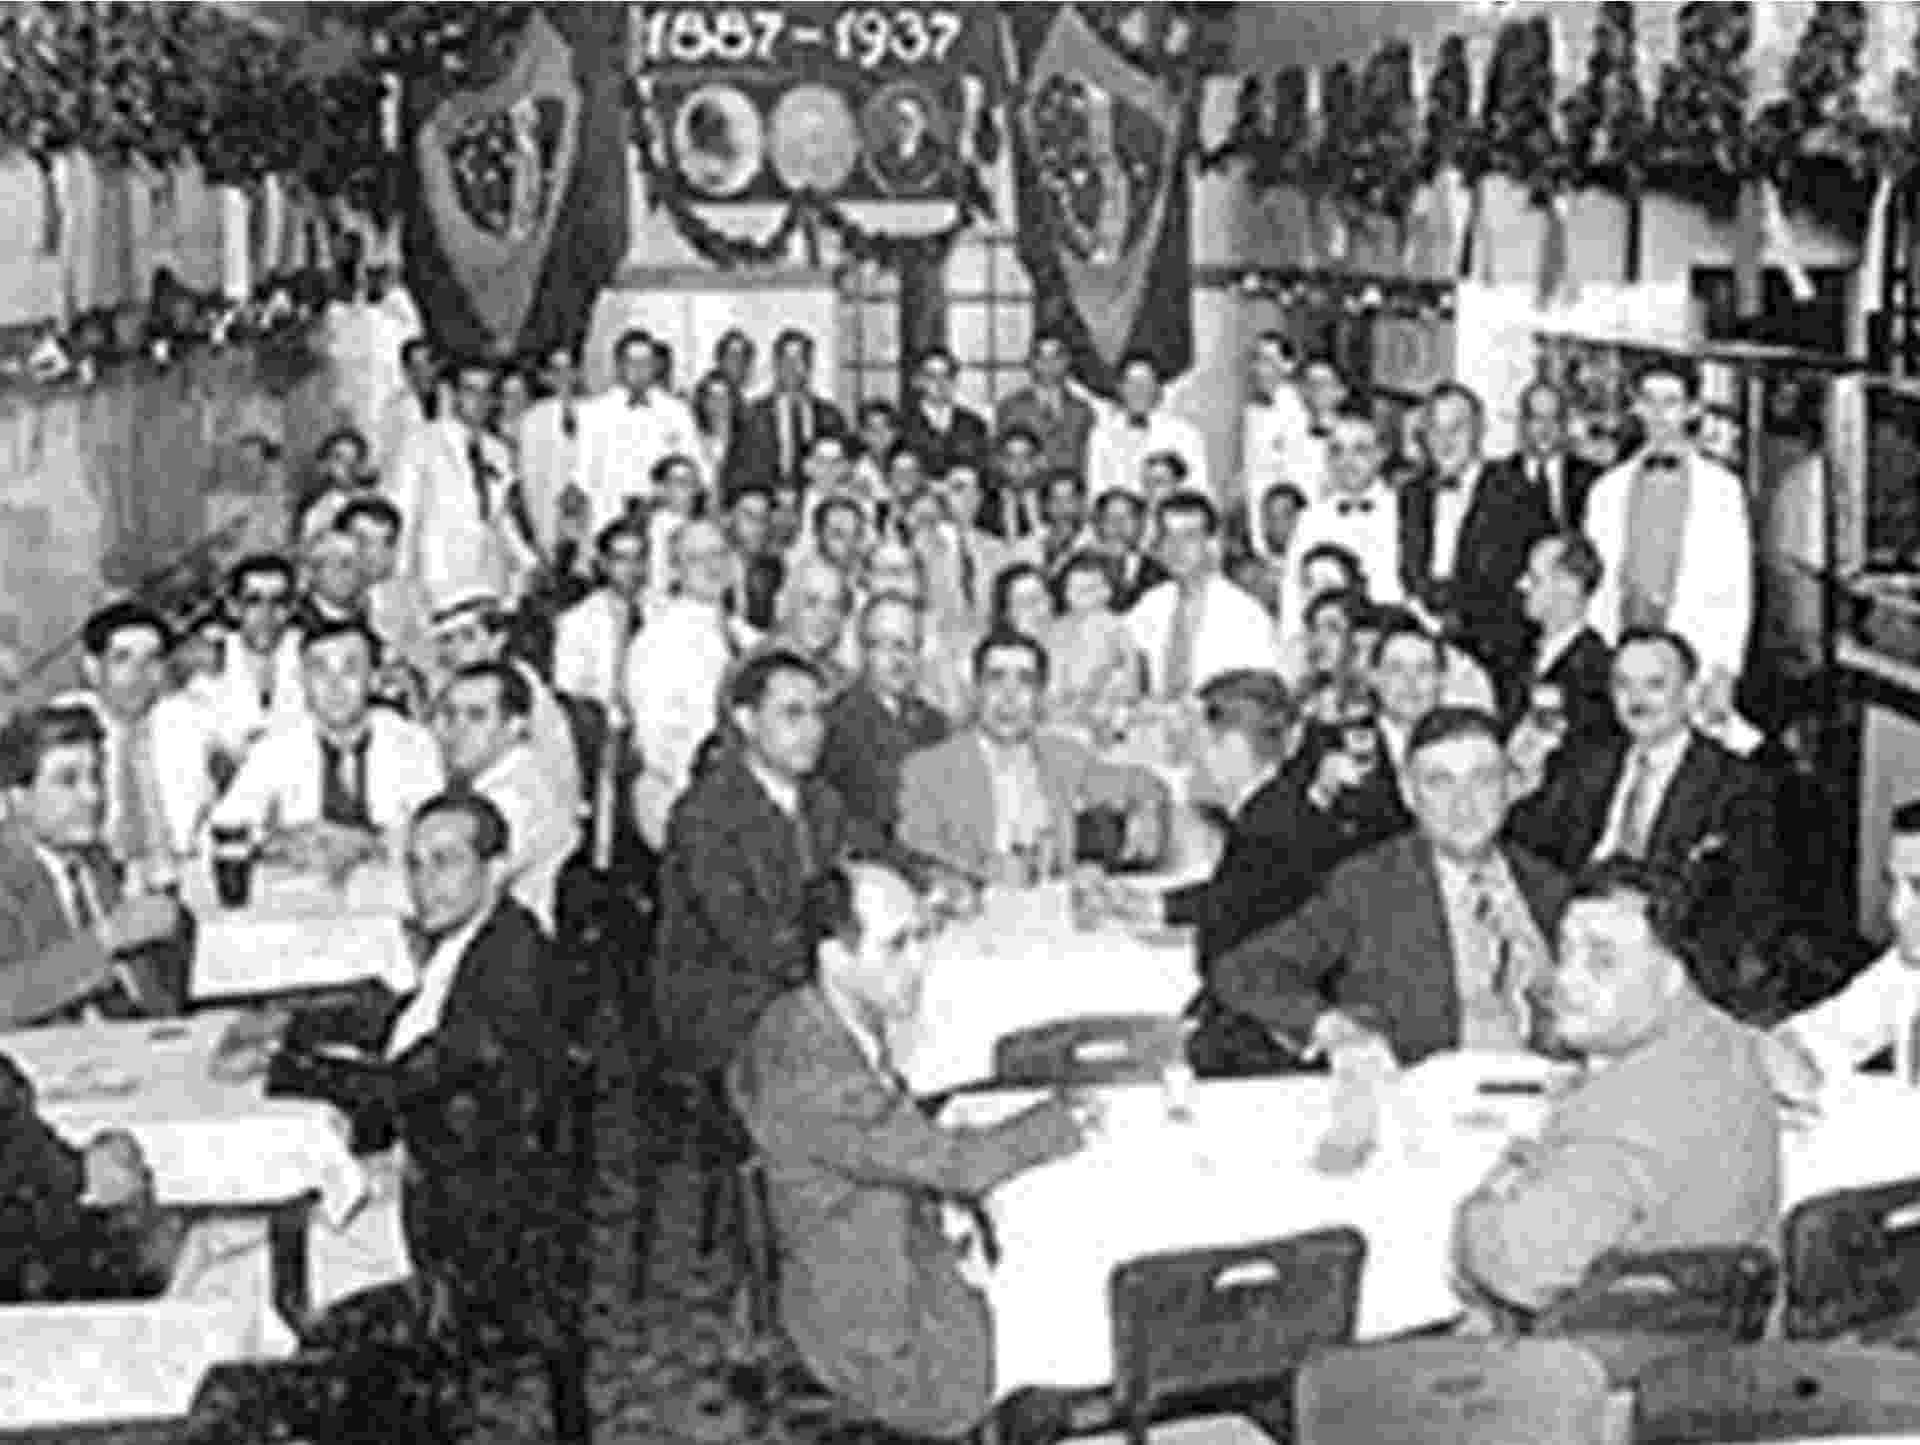 Reunião dos alunos da Faculdade de Direito do Largo São Francisco - 1937 - Divulgação/Ponto Chic